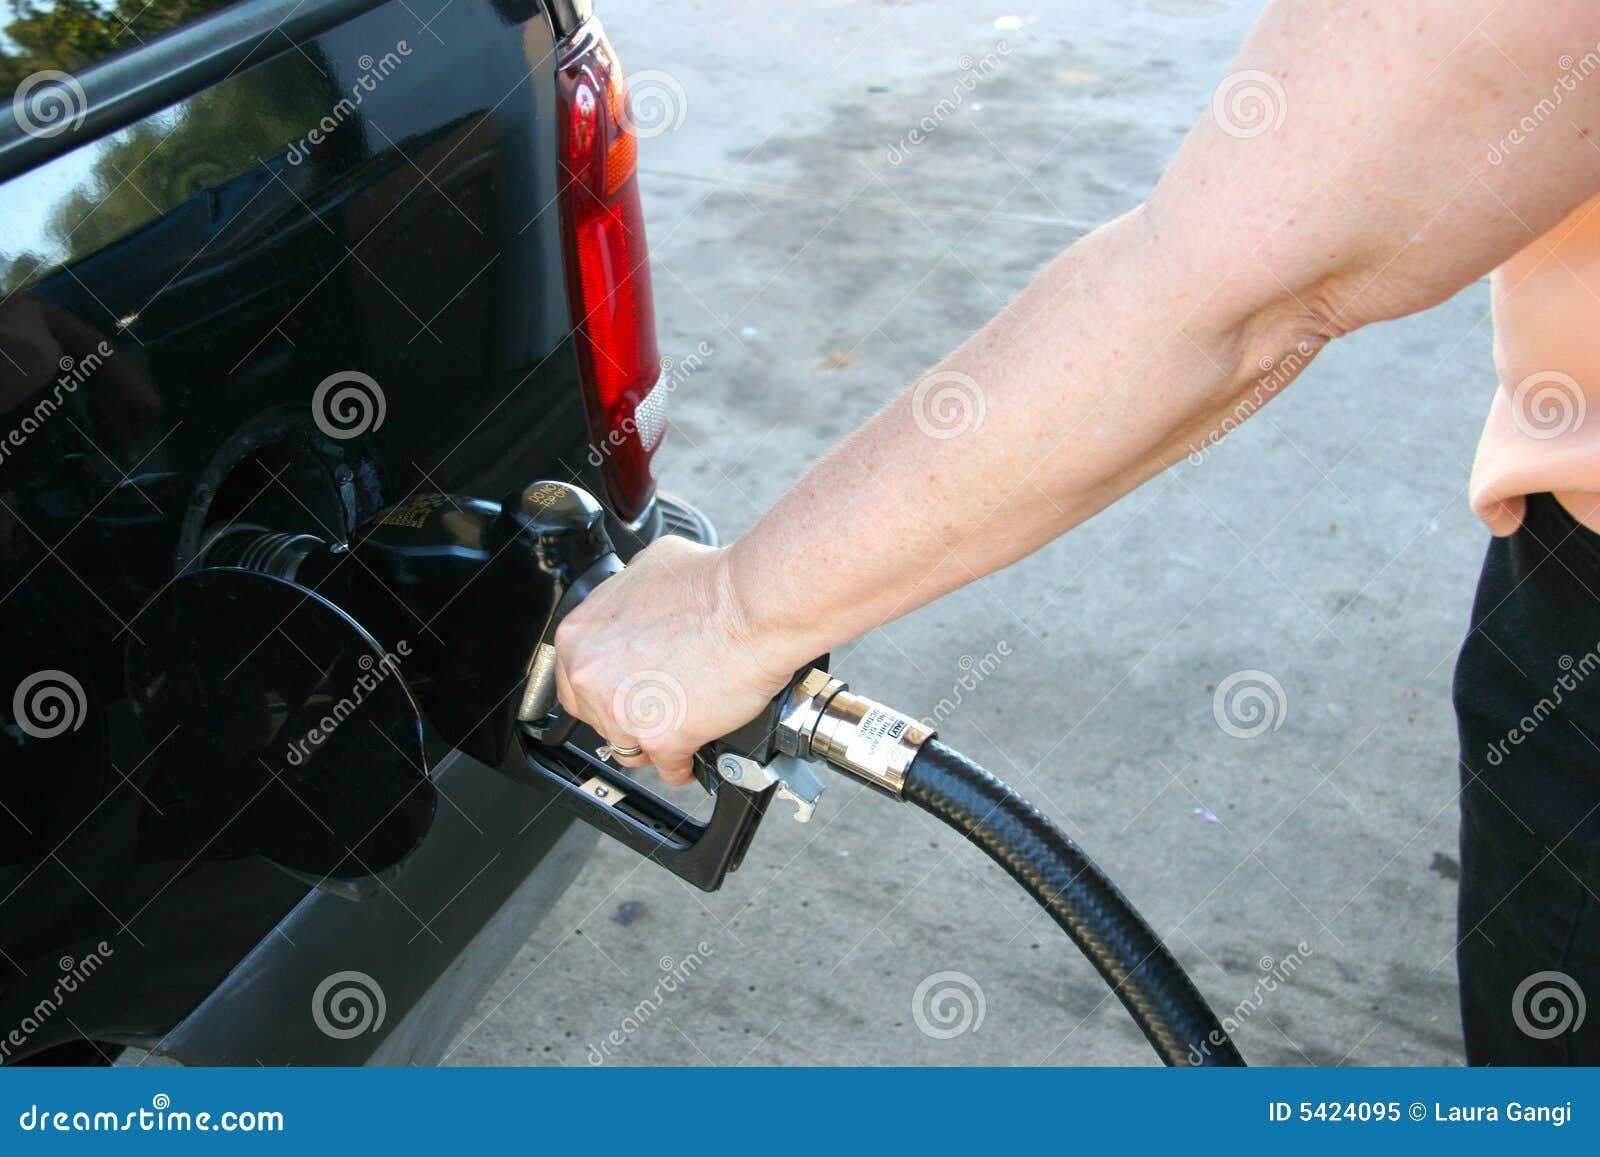 Girls pumping gas